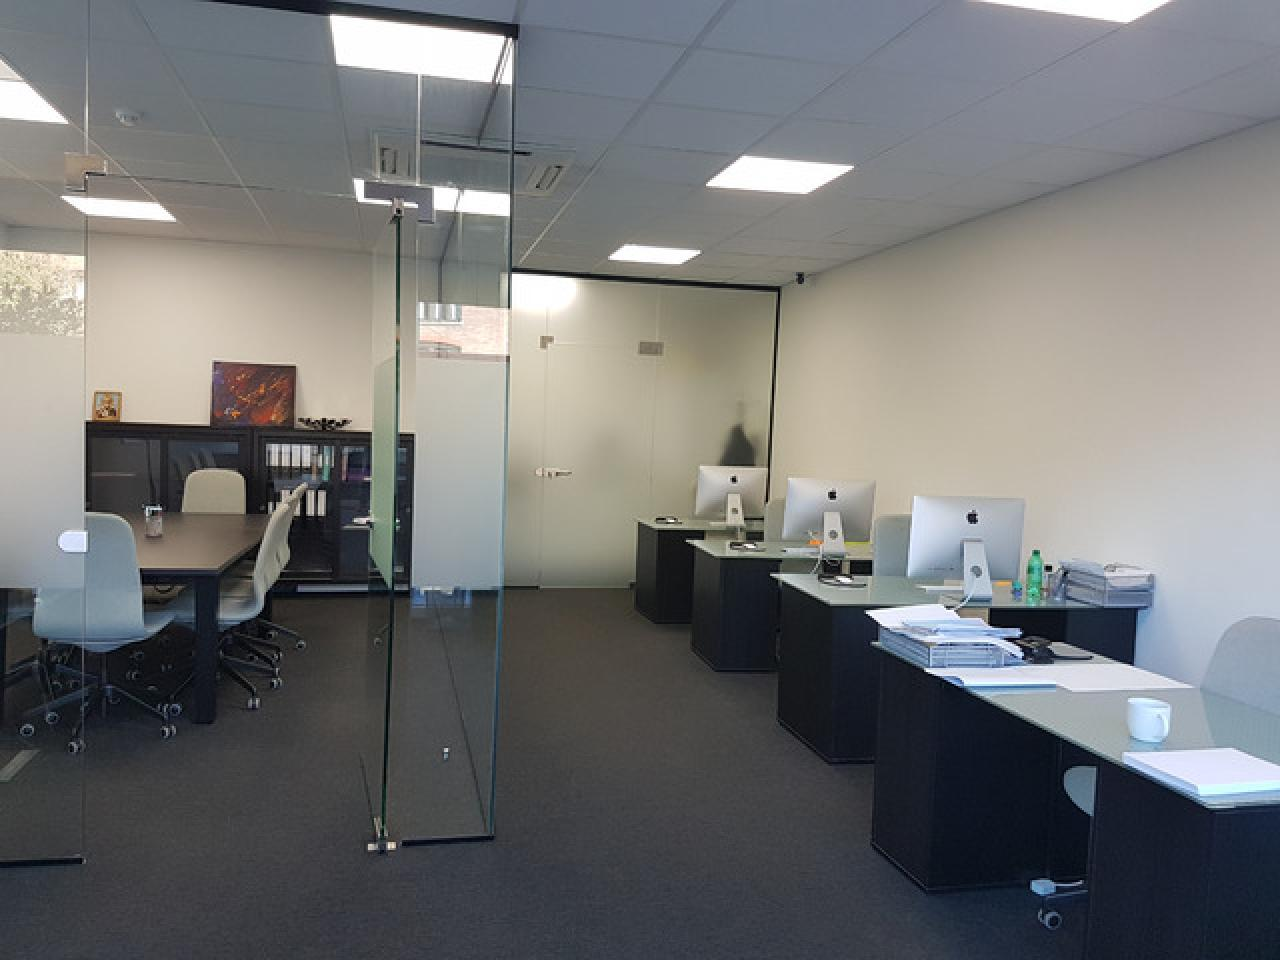 Сдается рабочее место или часть офиса с доступом в Meeting room - 6